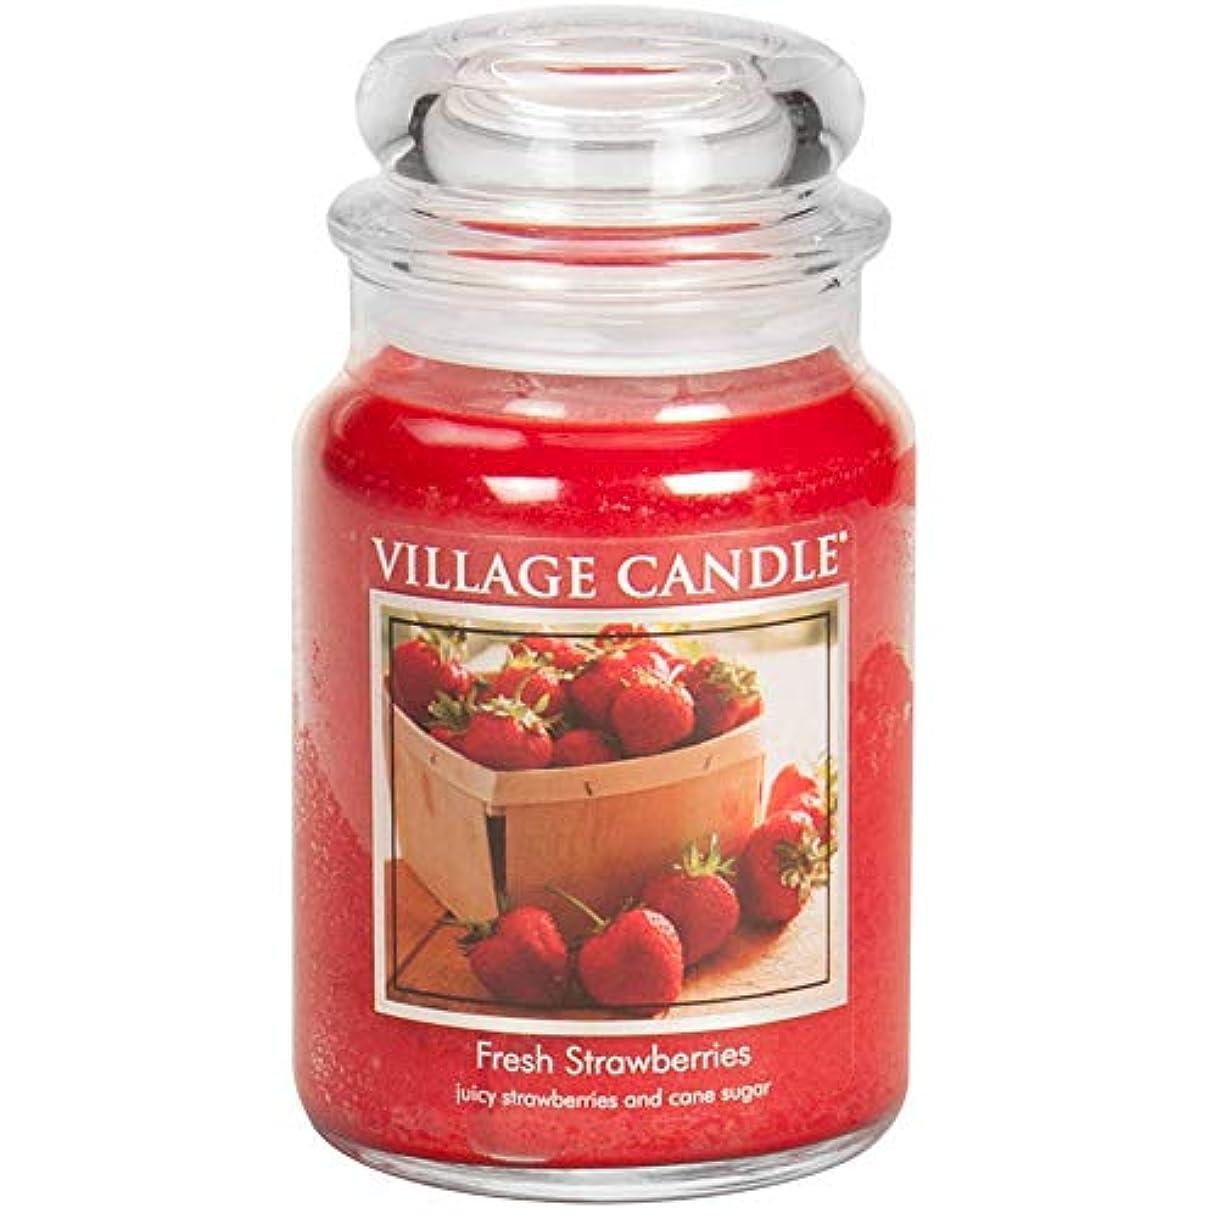 合理化単独でエリートVillage Candle Large Fragranced Candle Jar - 17cm x 10cm - 26oz (1219g)- Fresh Strawberries - upto 170 hours burn...